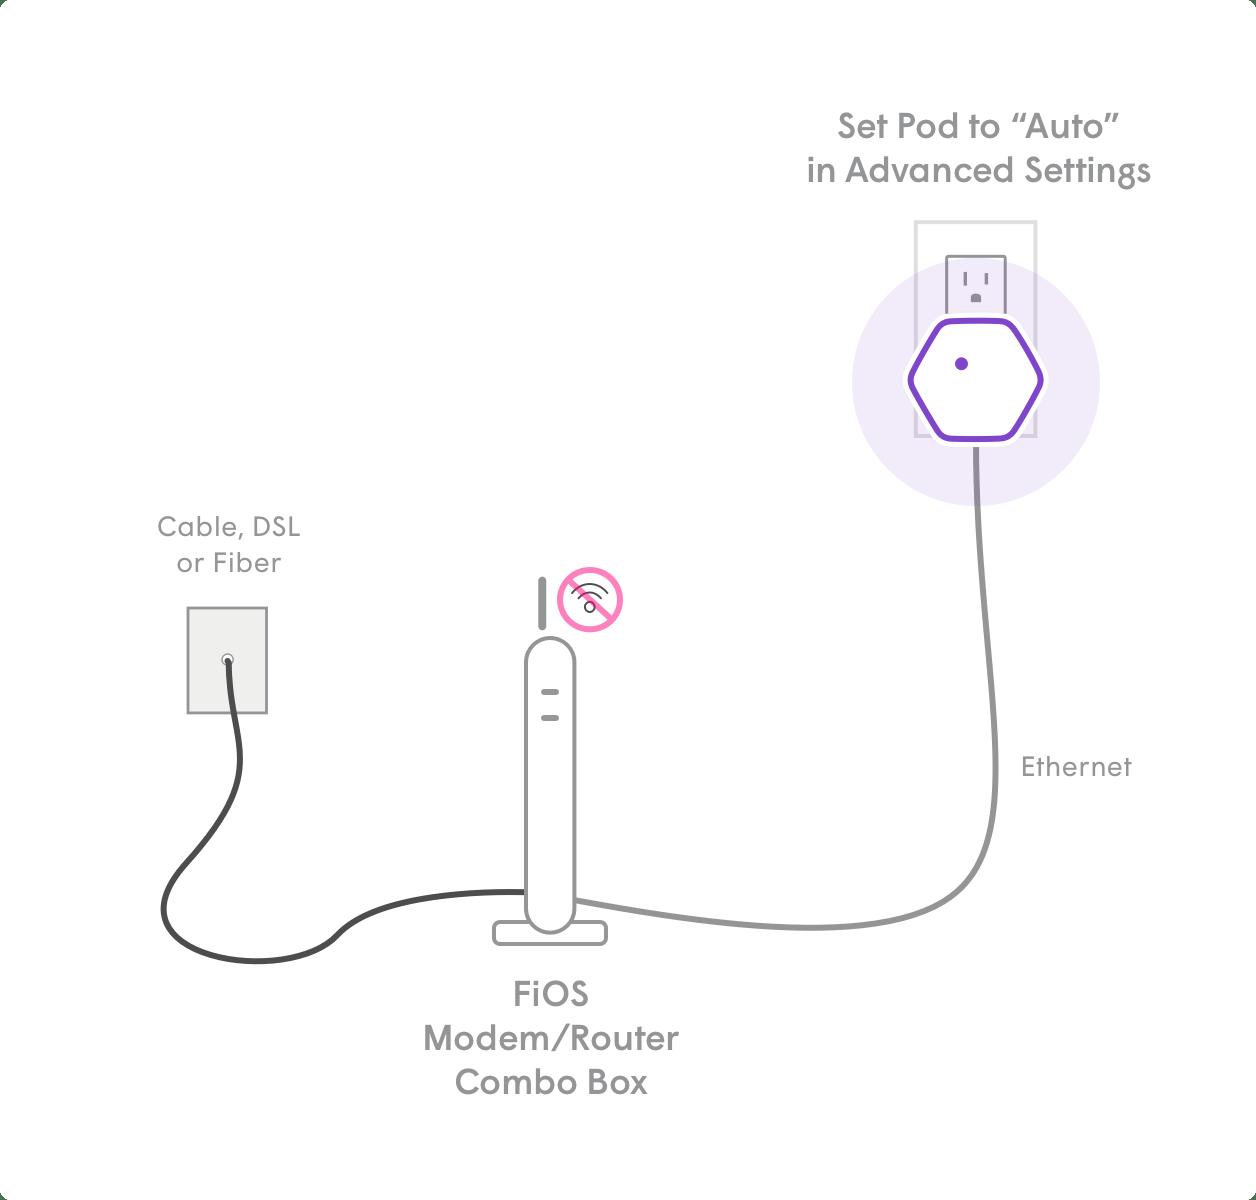 I have a FiOS (Fiber Optic Service) modem. How do I setup